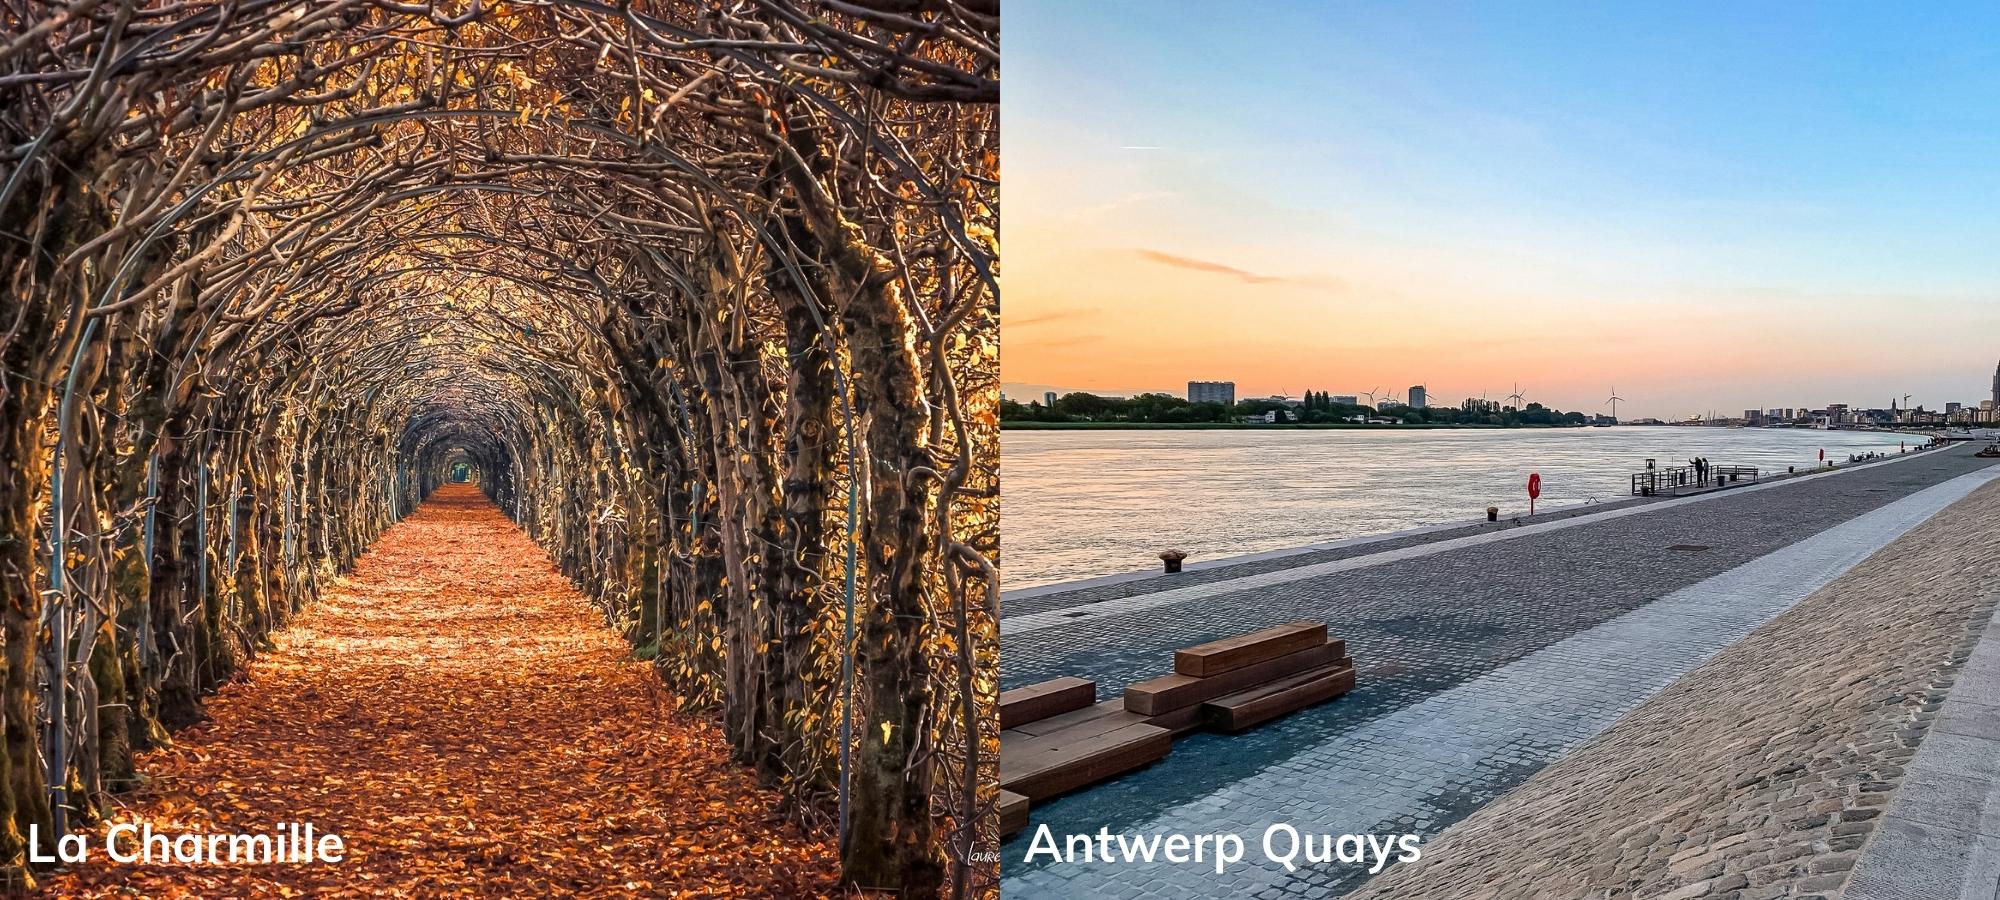 Left: La Charmille, Liege. Right: Quays of Antwerp, Belgium.